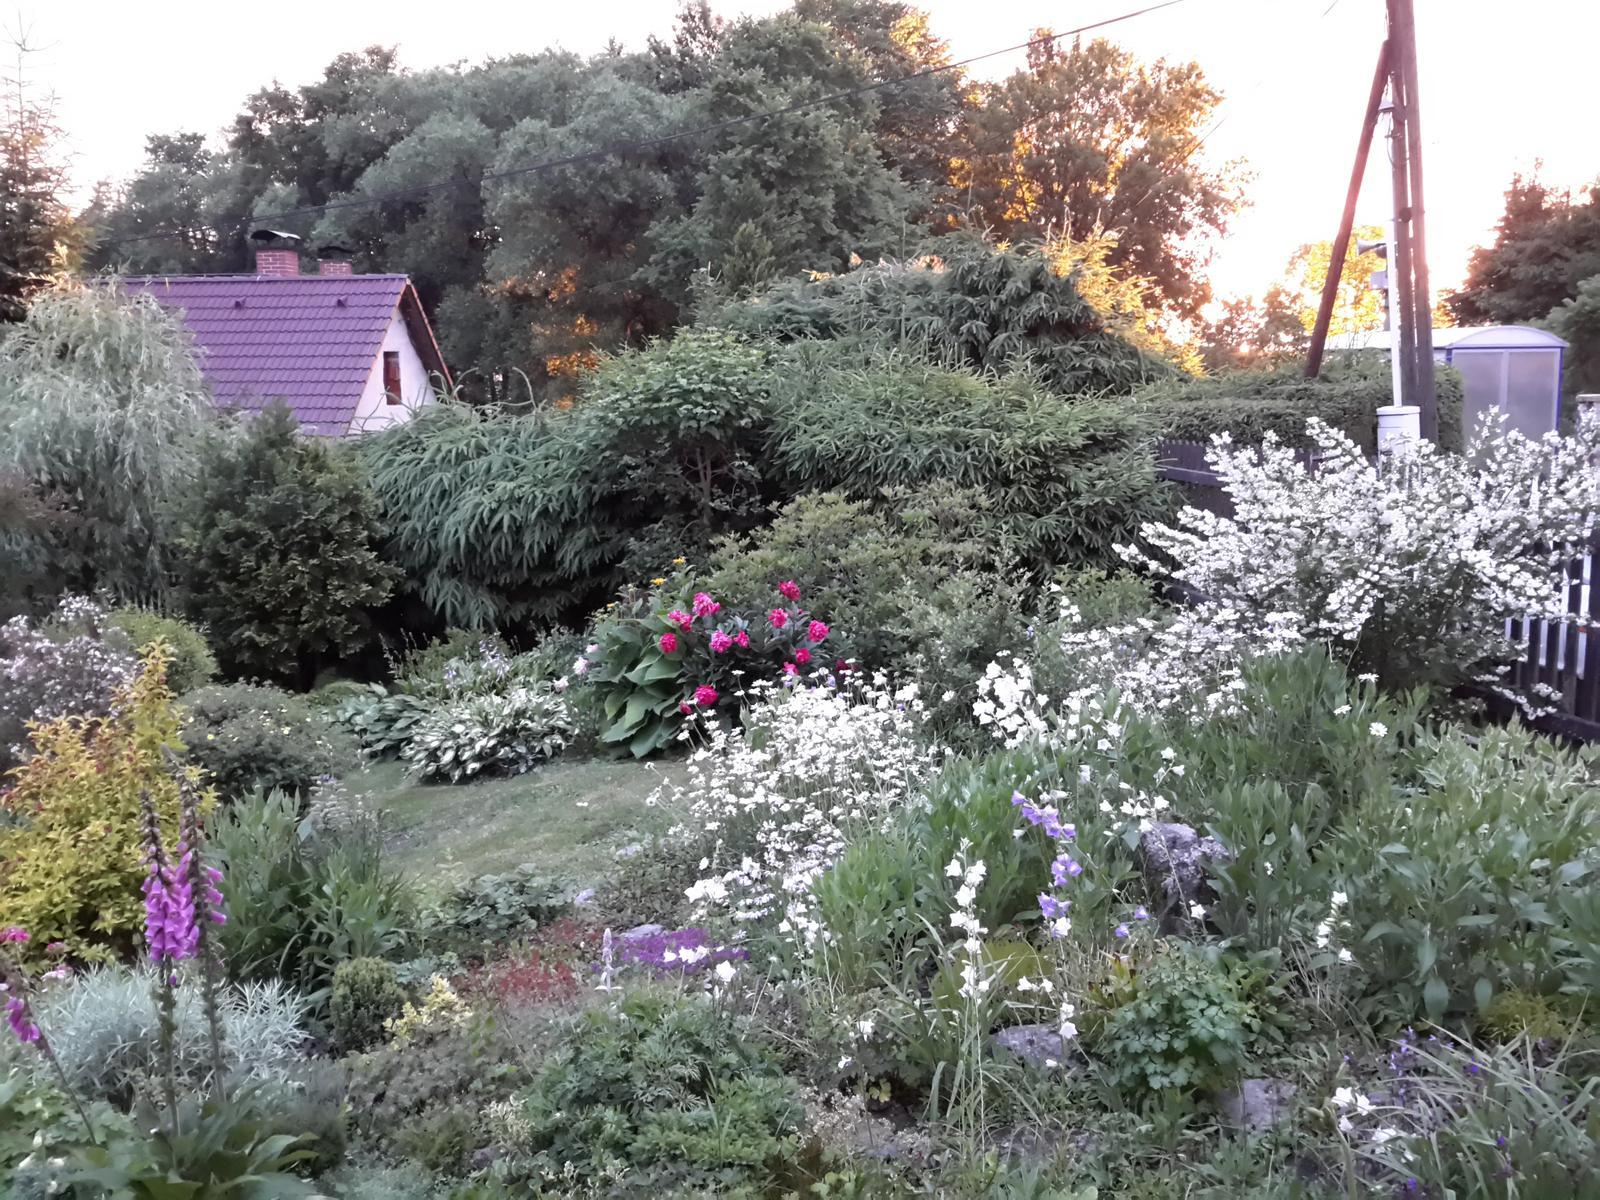 Jihočeská venkovská zahrada. - Miluji bílou nejen v bytě.